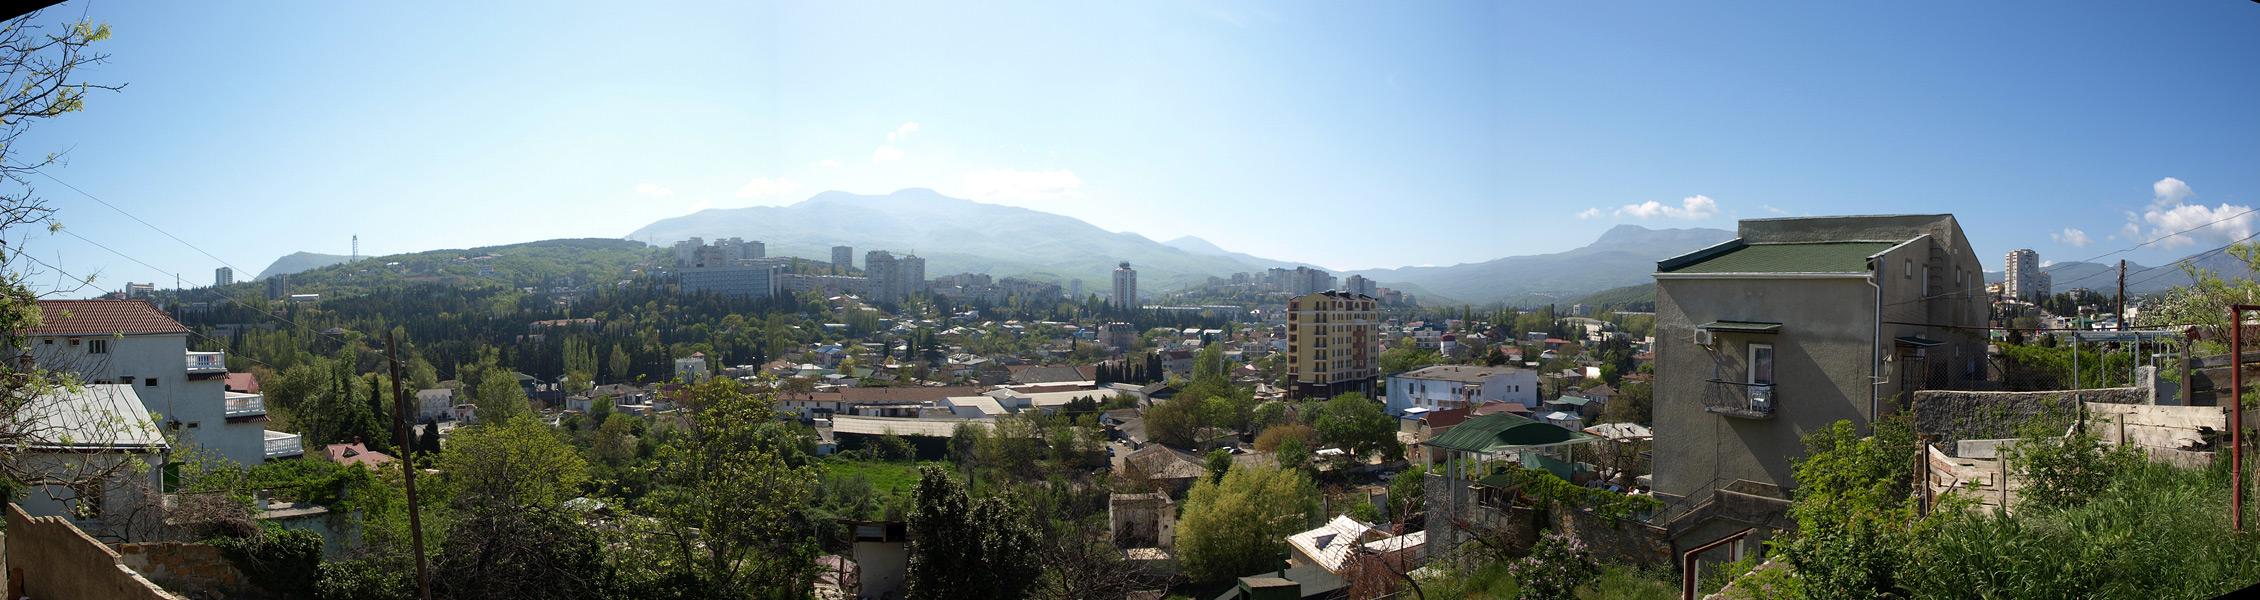 Панорама Алушты. Алушта, Крым, весна 2010